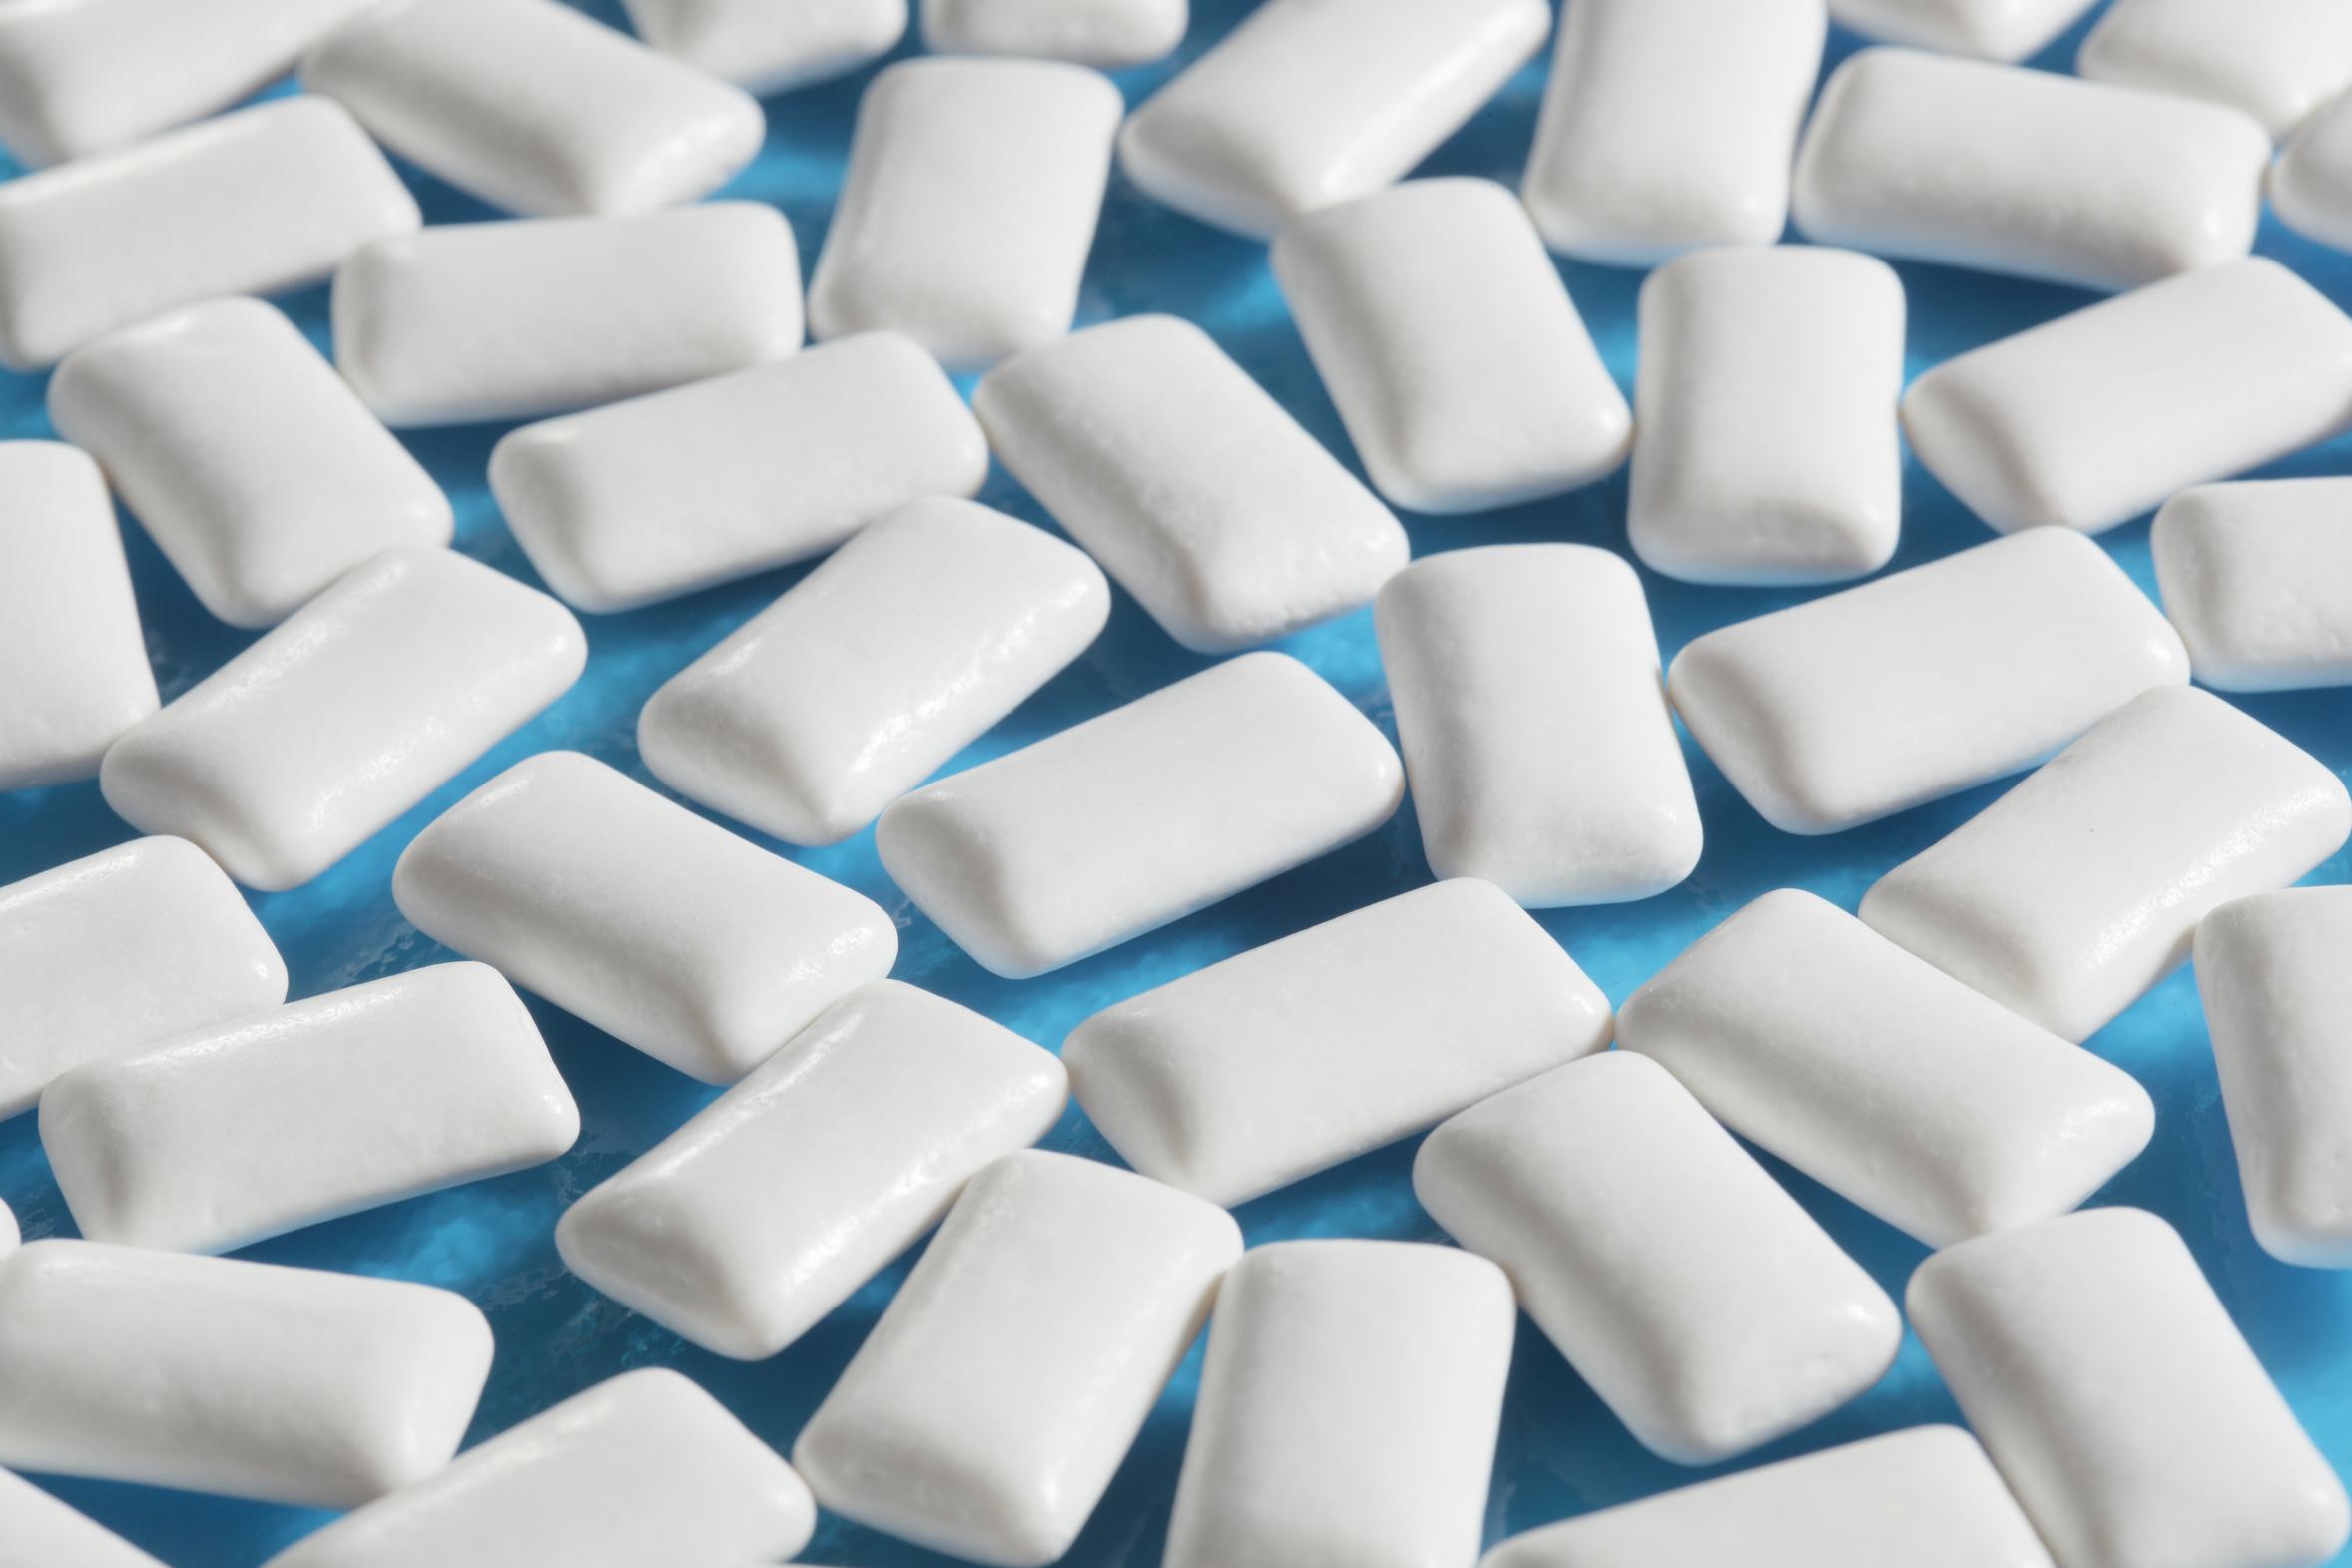 Ученые: Жевательная резинка помогает сбросить лишний вес